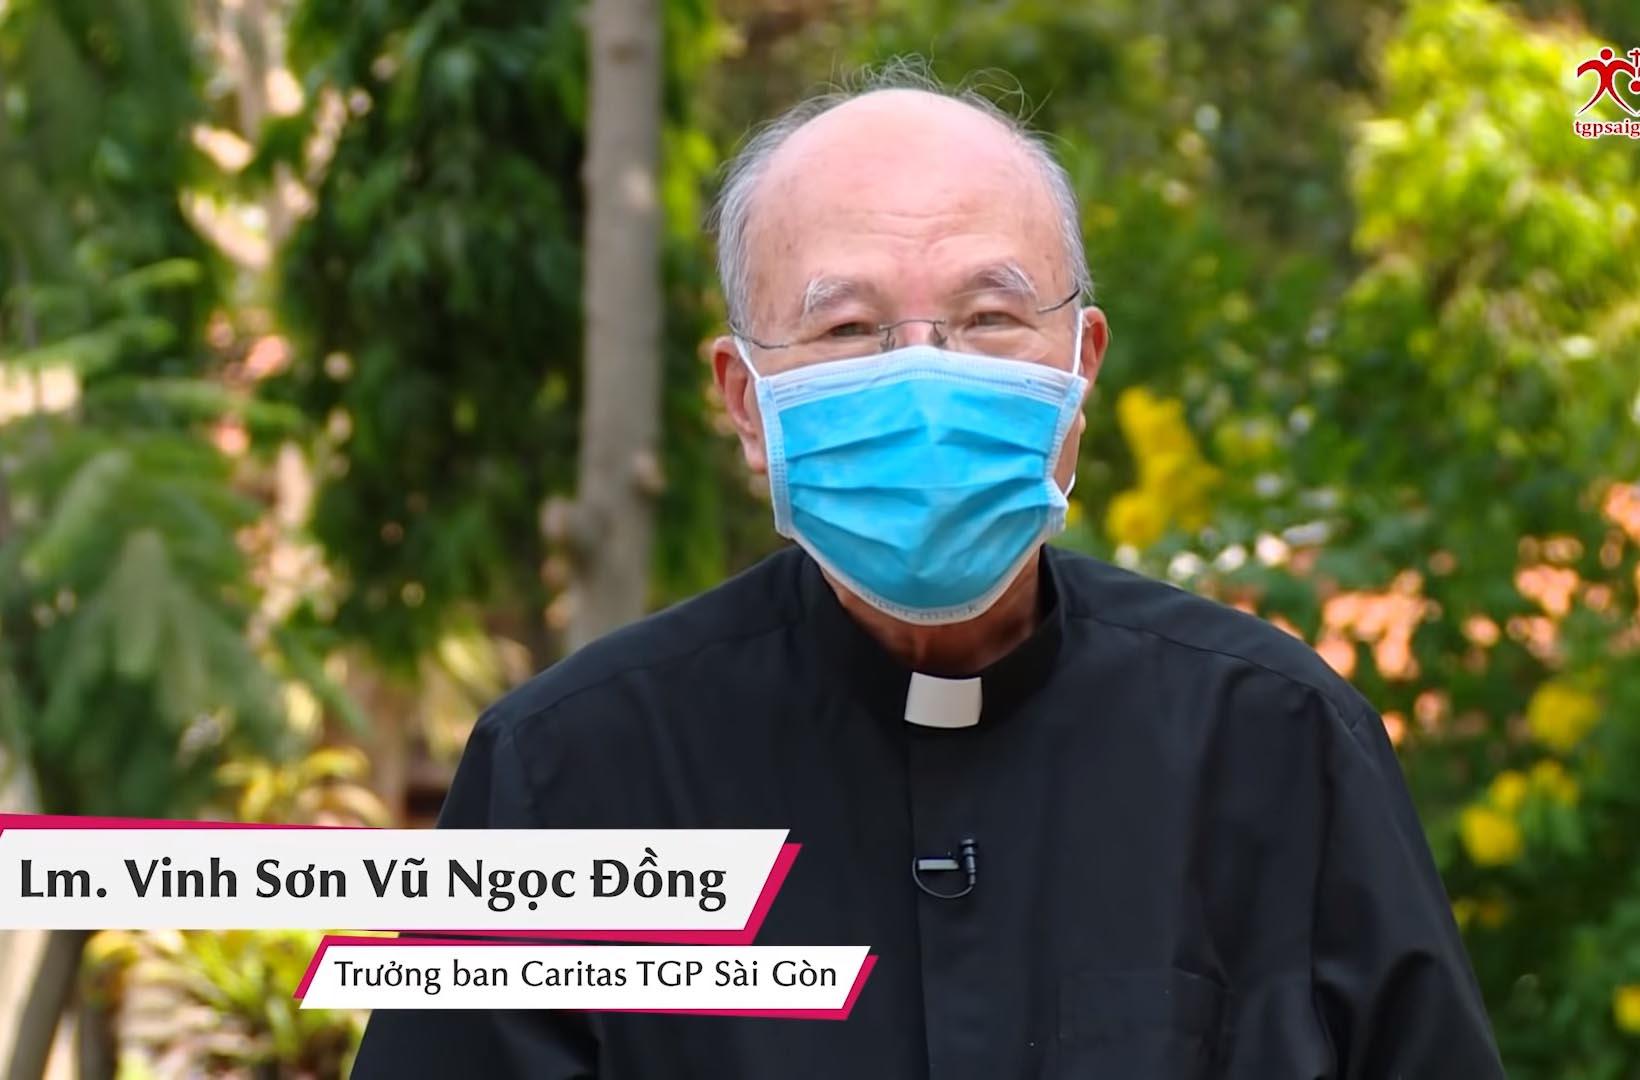 Caritas TGP Sài Gòn: thực hiện chung tay lan tỏa yêu thương